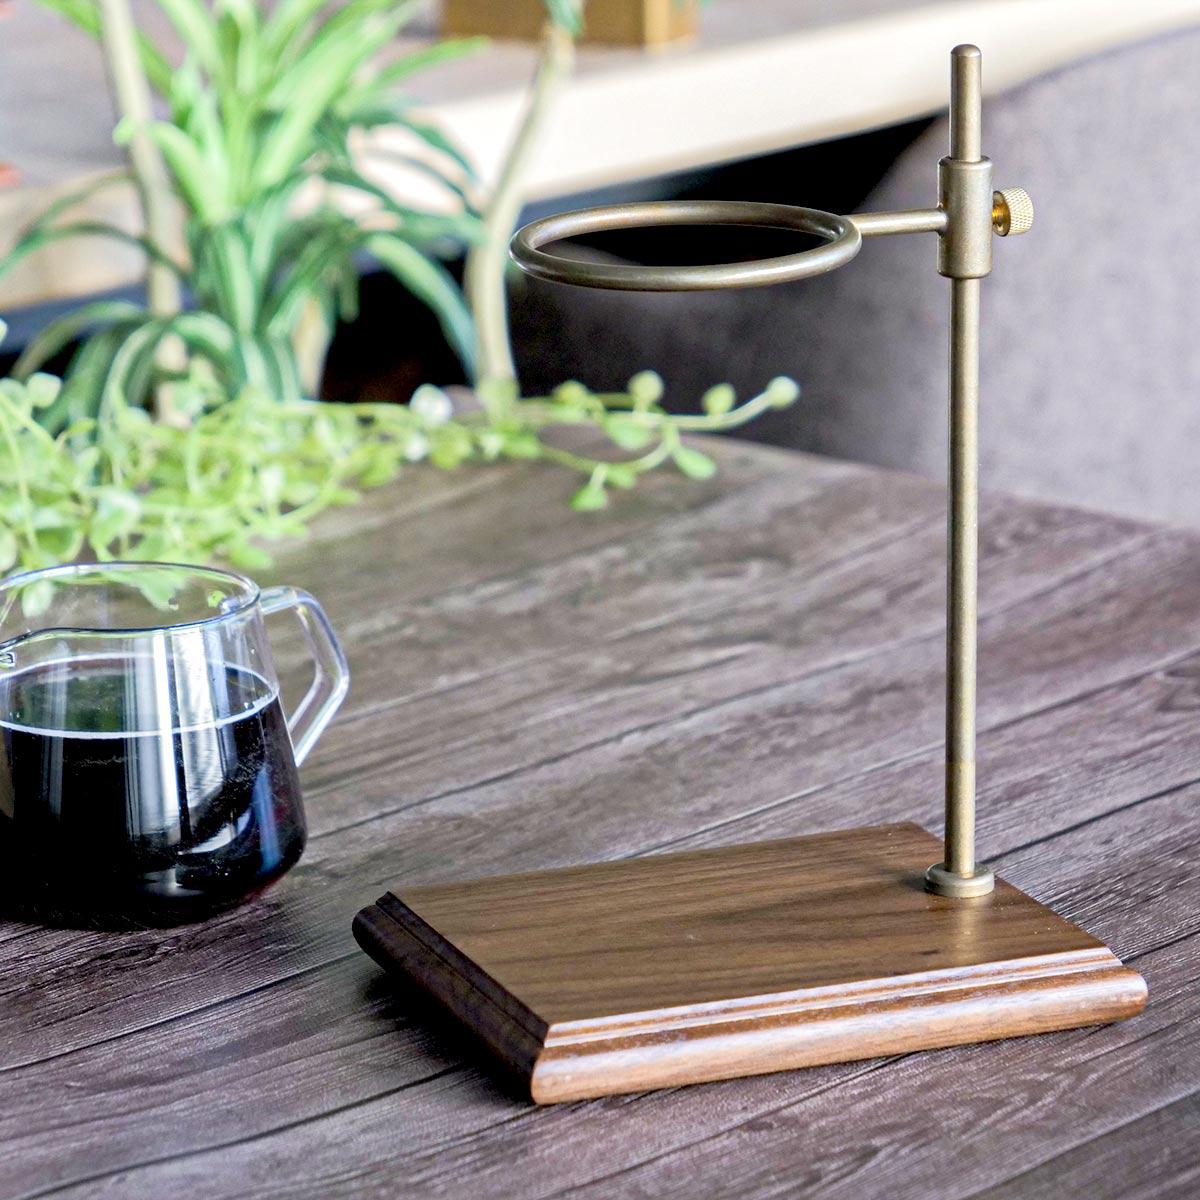 コーヒーメーカー SLOW COFFEE STYLE Specialty ブリューワースタンドセット 4cups ( 送料無料 コーヒードリッパー ガラス製 ブリュワー 食洗機対応 4cup 4カップ用 コーヒーウェア ) 【5000円以上送料無料】